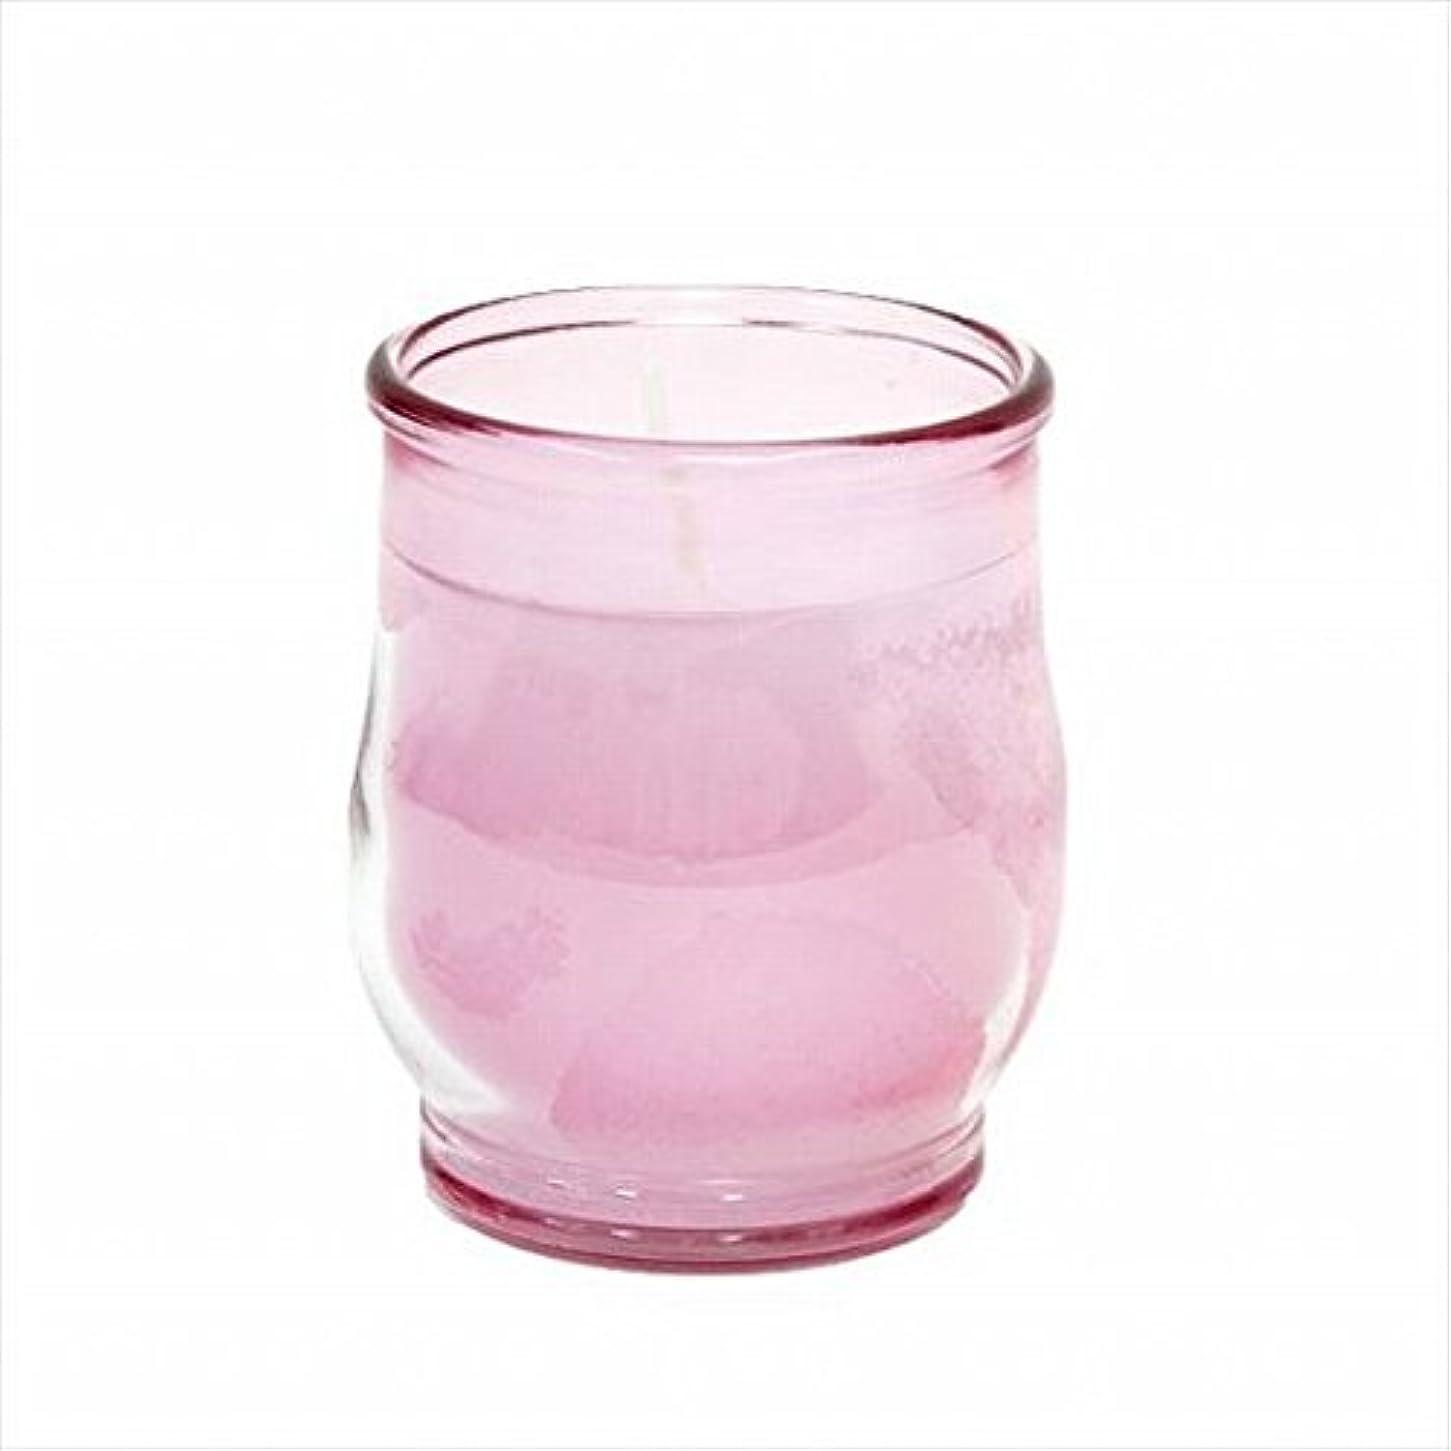 弓カストディアン膜kameyama candle(カメヤマキャンドル) ポシェ(非常用コップローソク) 「 ピンク(ライトカラー) 」 キャンドル 68x68x80mm (73020030P)